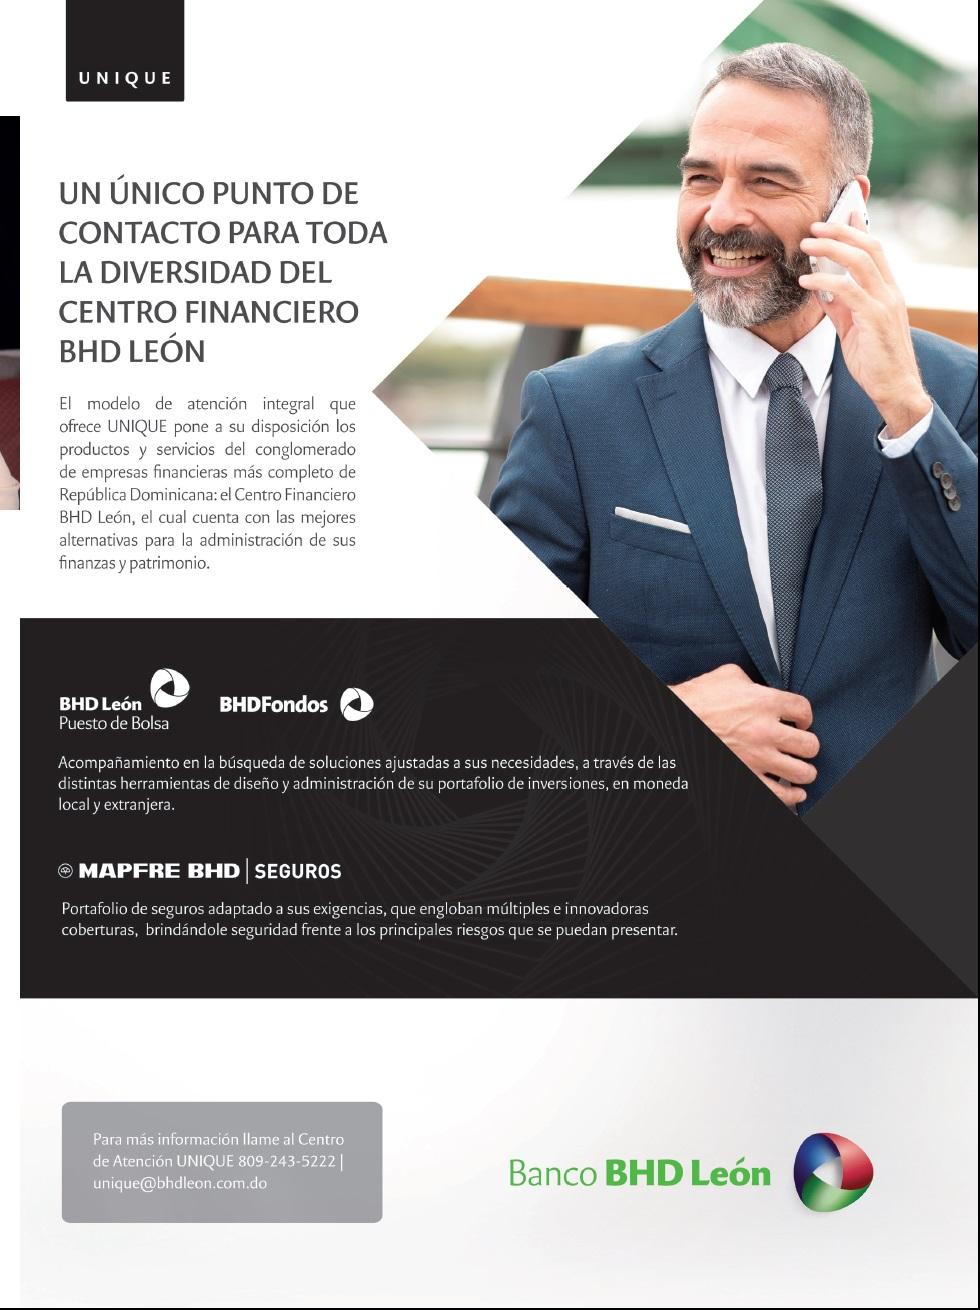 Banco BHD León en